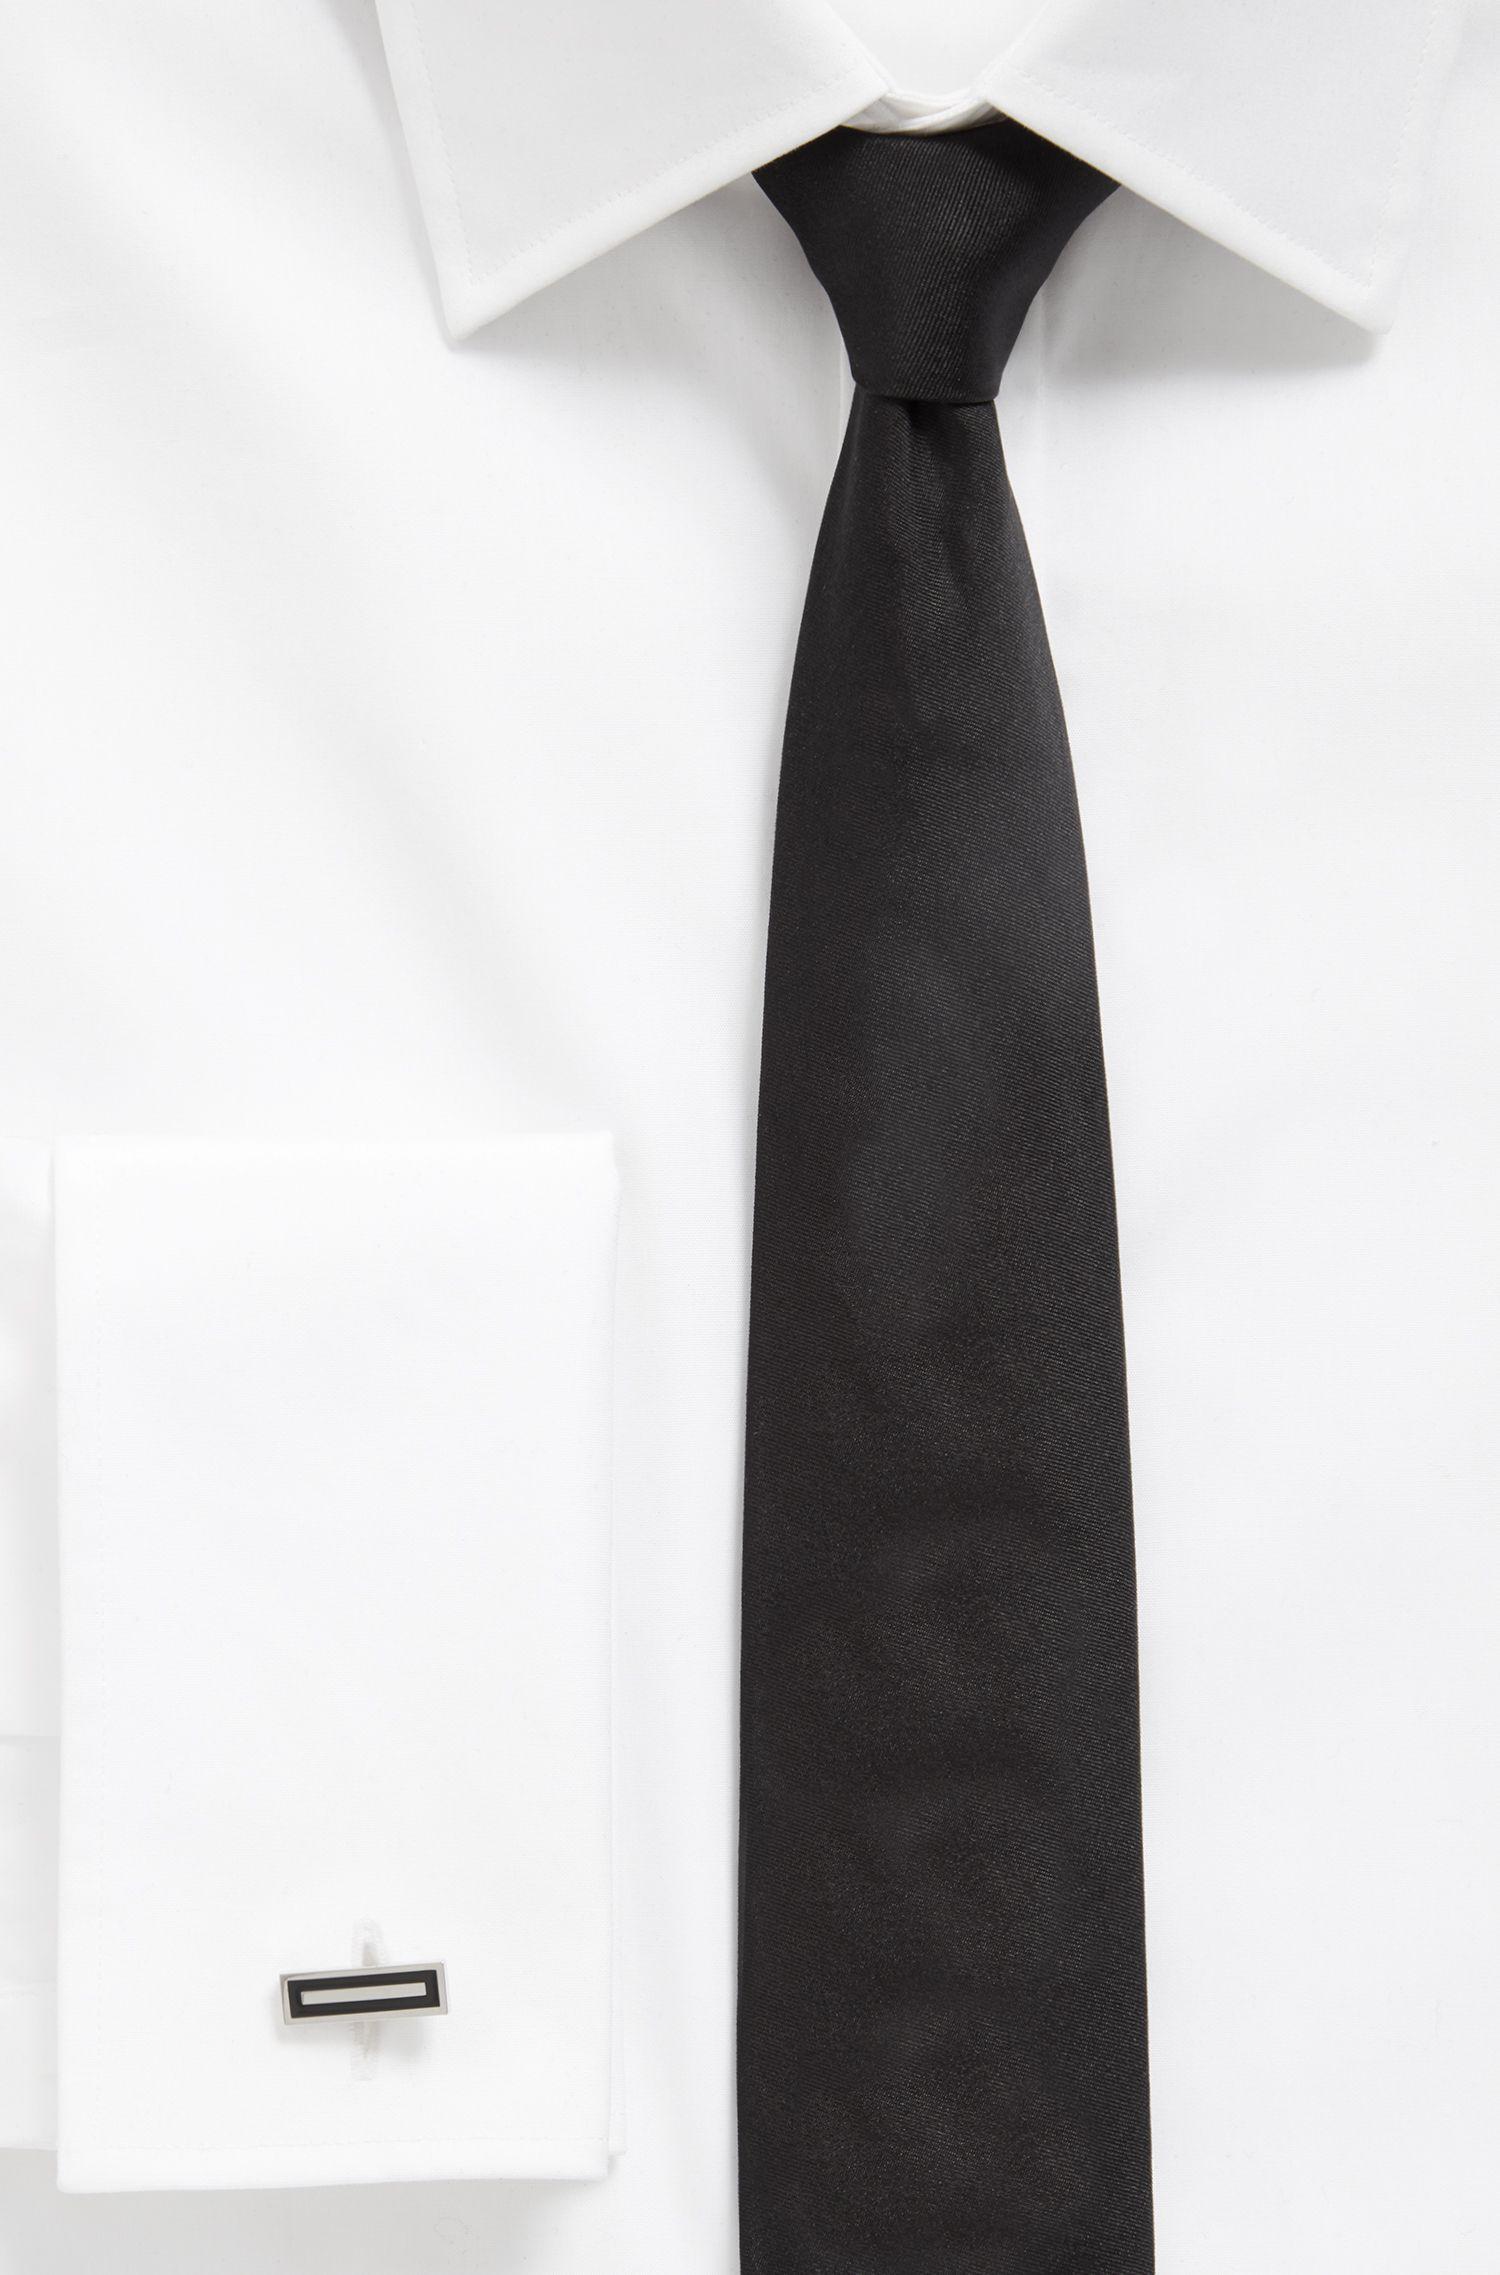 Rechteckige Manschettenknöpfe aus Messing mit Emaille- und Metall-Details, Schwarz